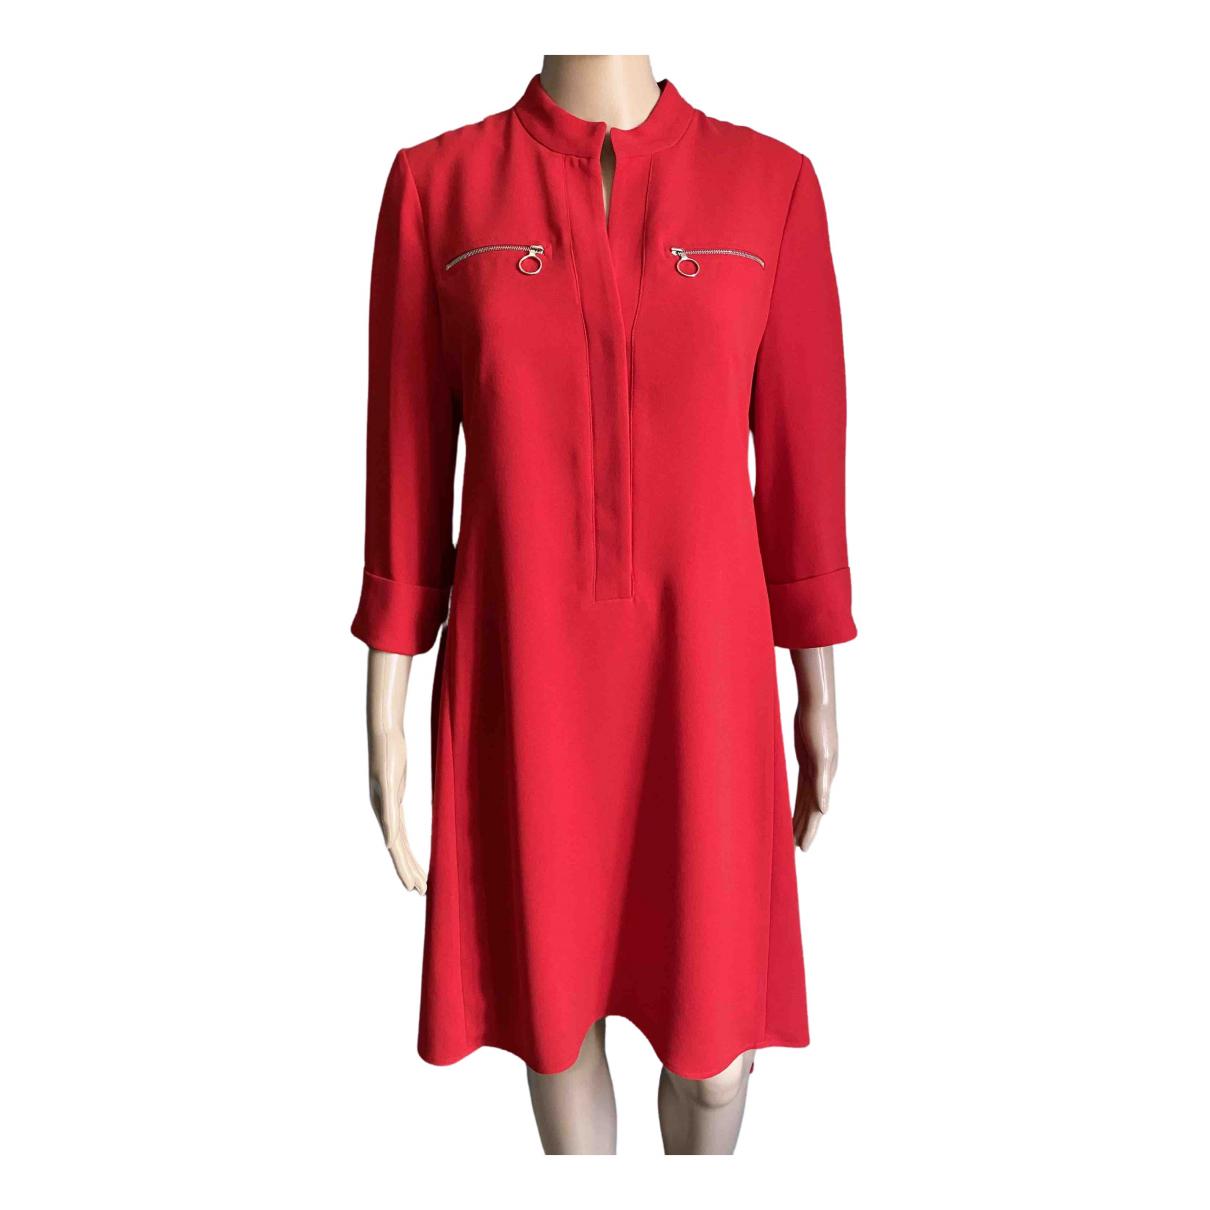 Claudie Pierlot \N Kleid in  Rot Polyester